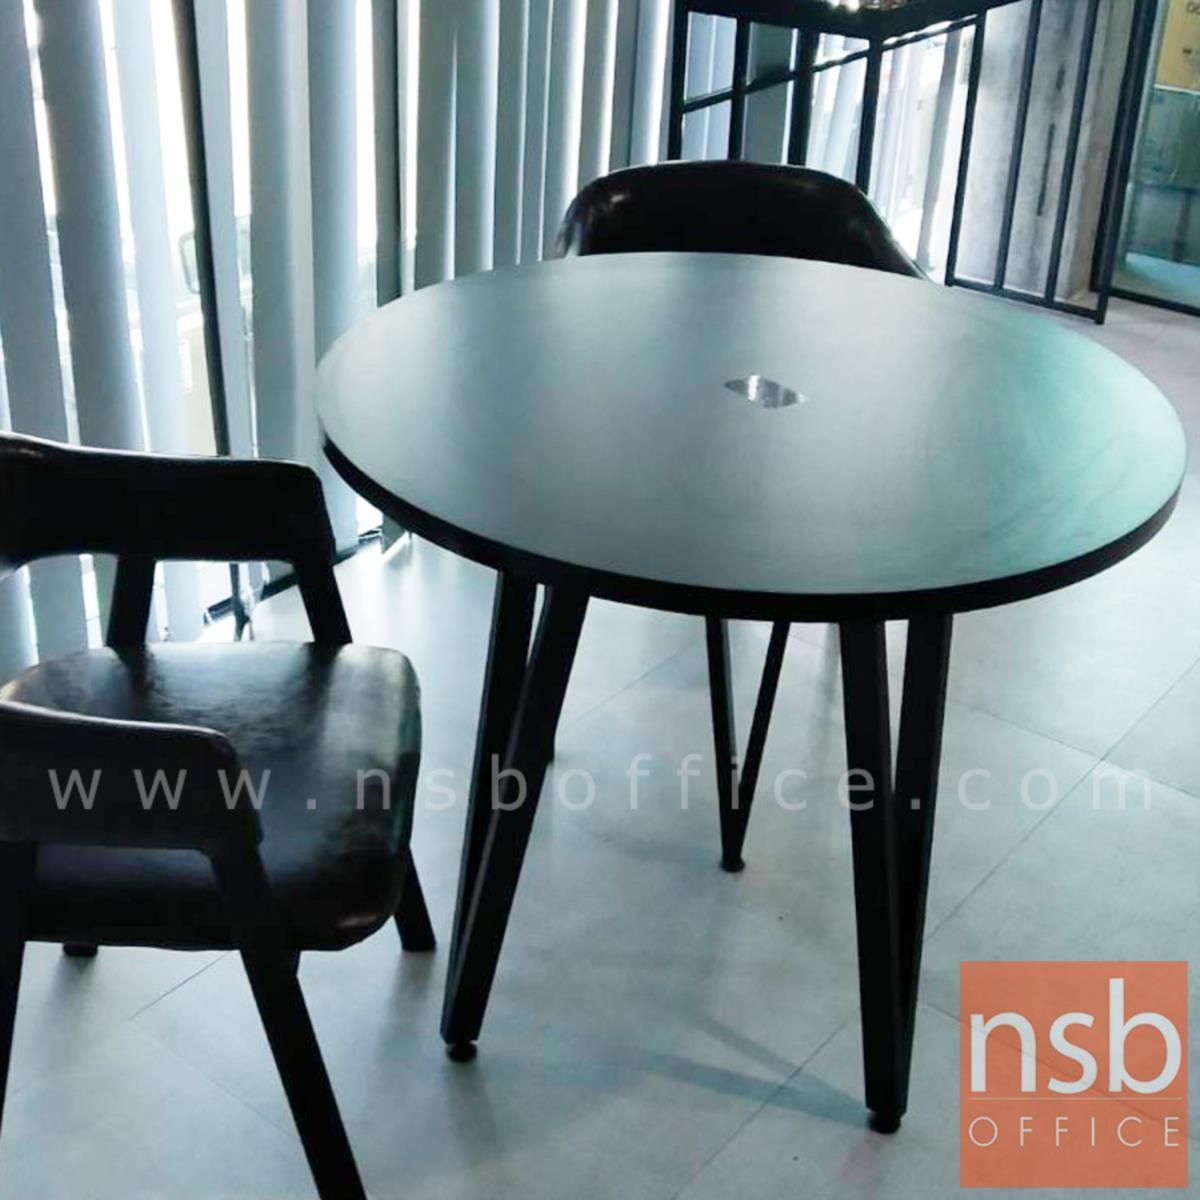 โต๊ะกลมหน้าเมลามีน 80 cm รุ่น Springfield (สปริงฟีลด์)   ขาเหล็กทรงสามเหลี่ยม